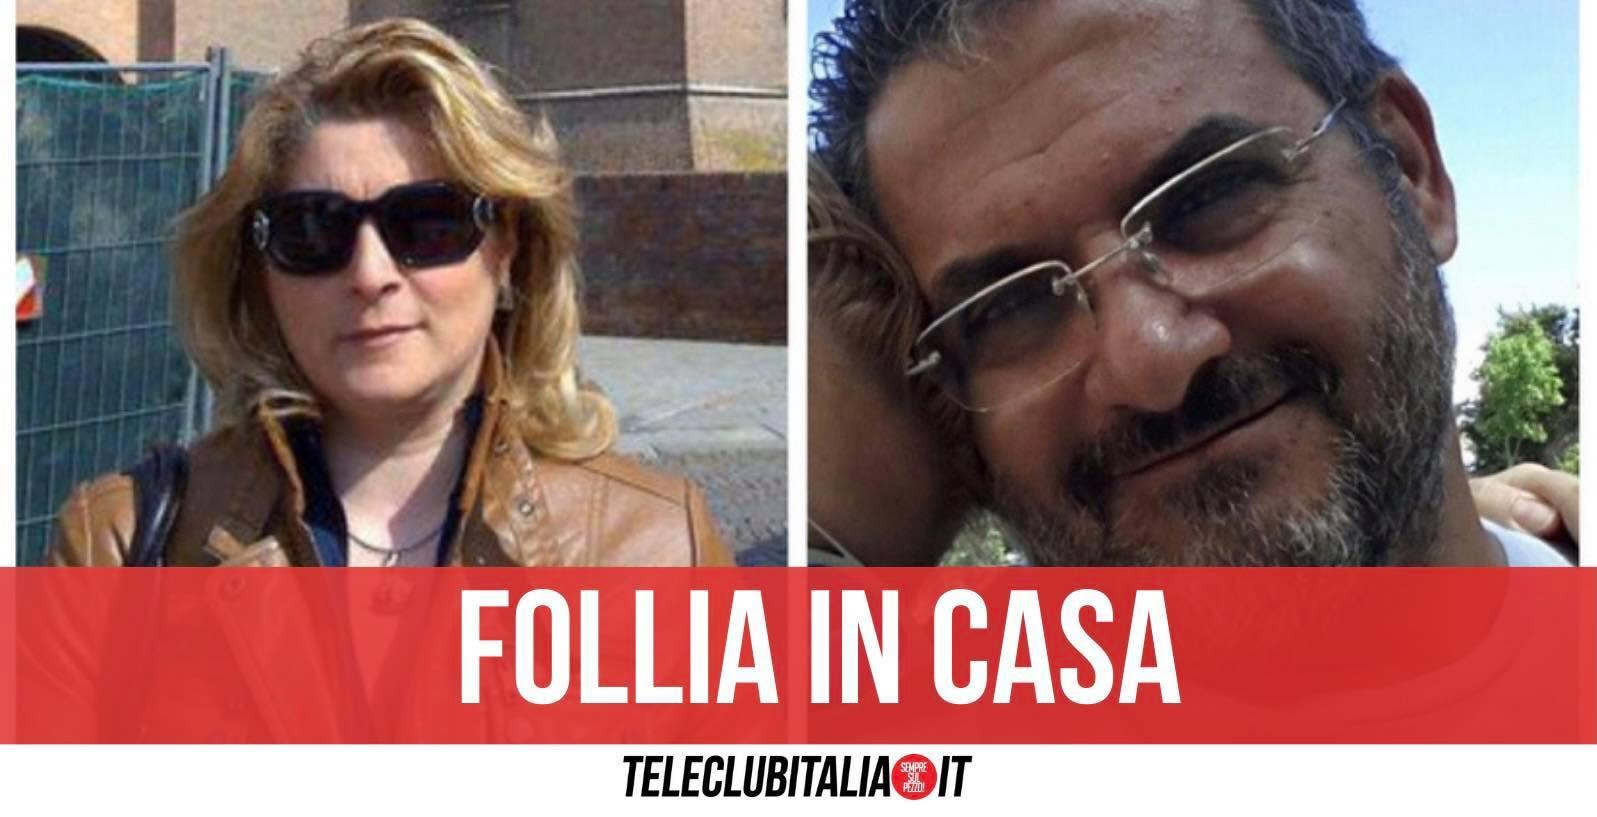 annamaria ascolese sparata marito carabiniere antonio boccia